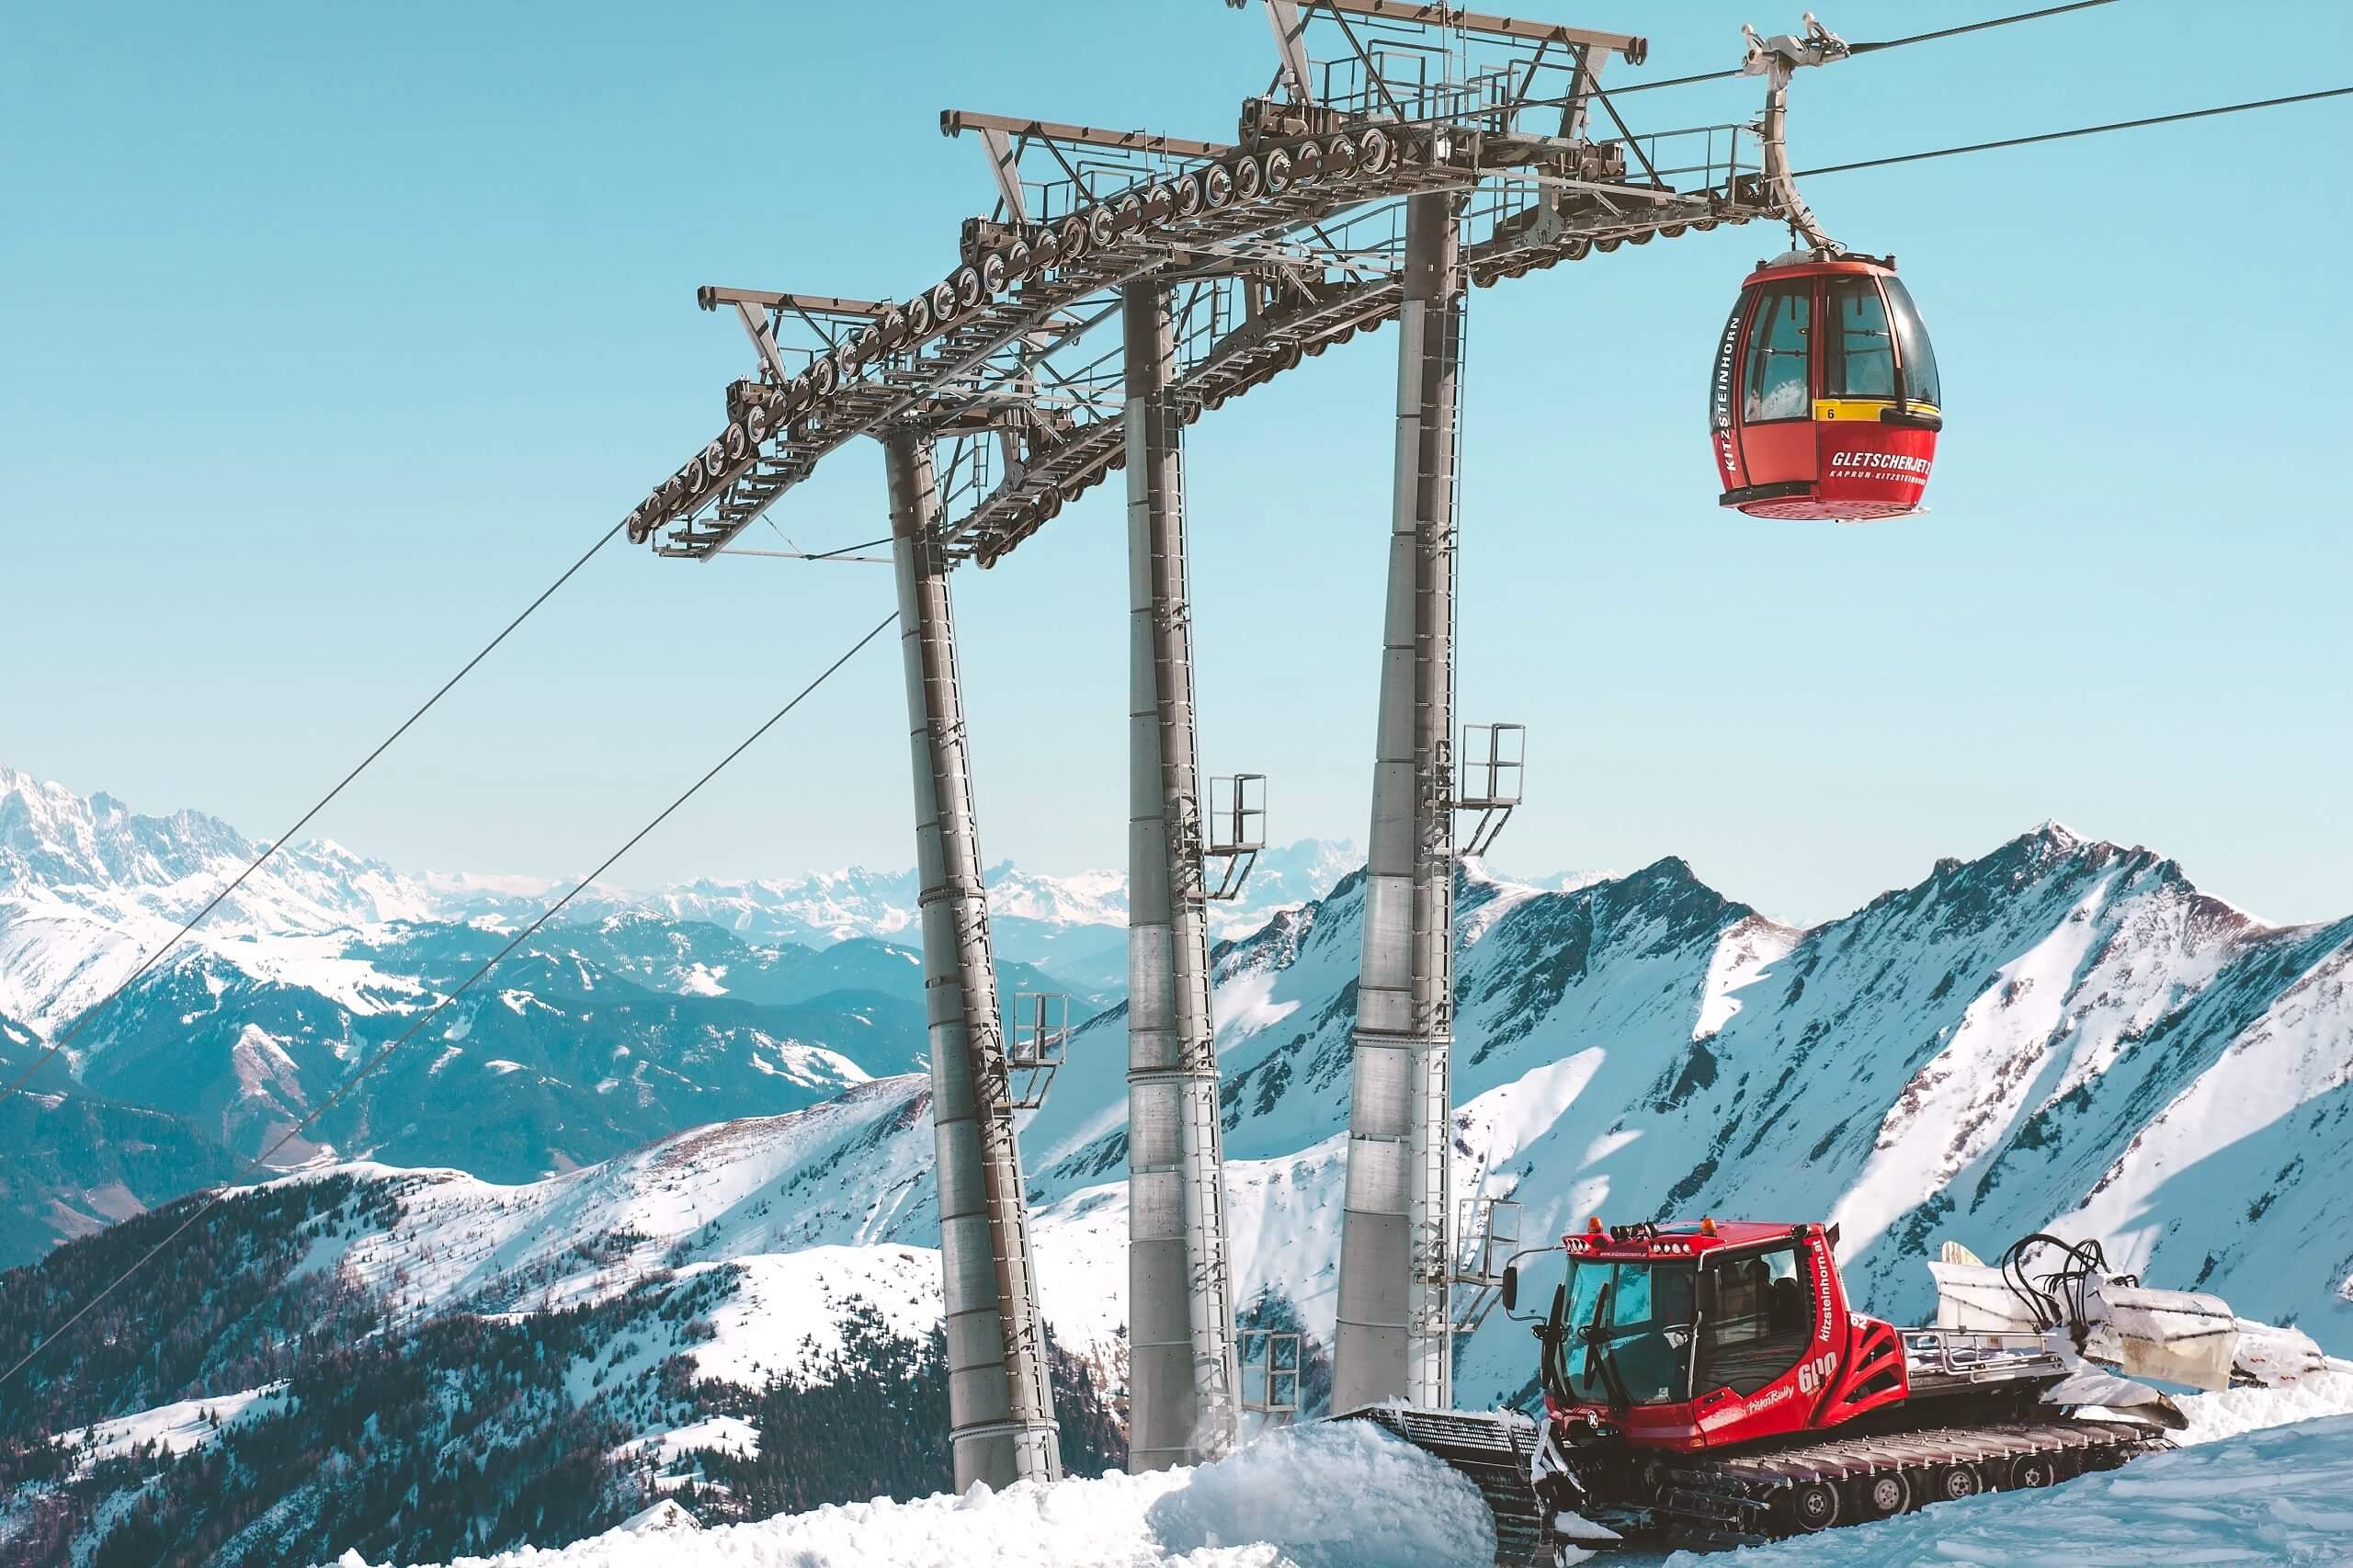 Снимка на лифт и снегорин на фона на заснежени върхове